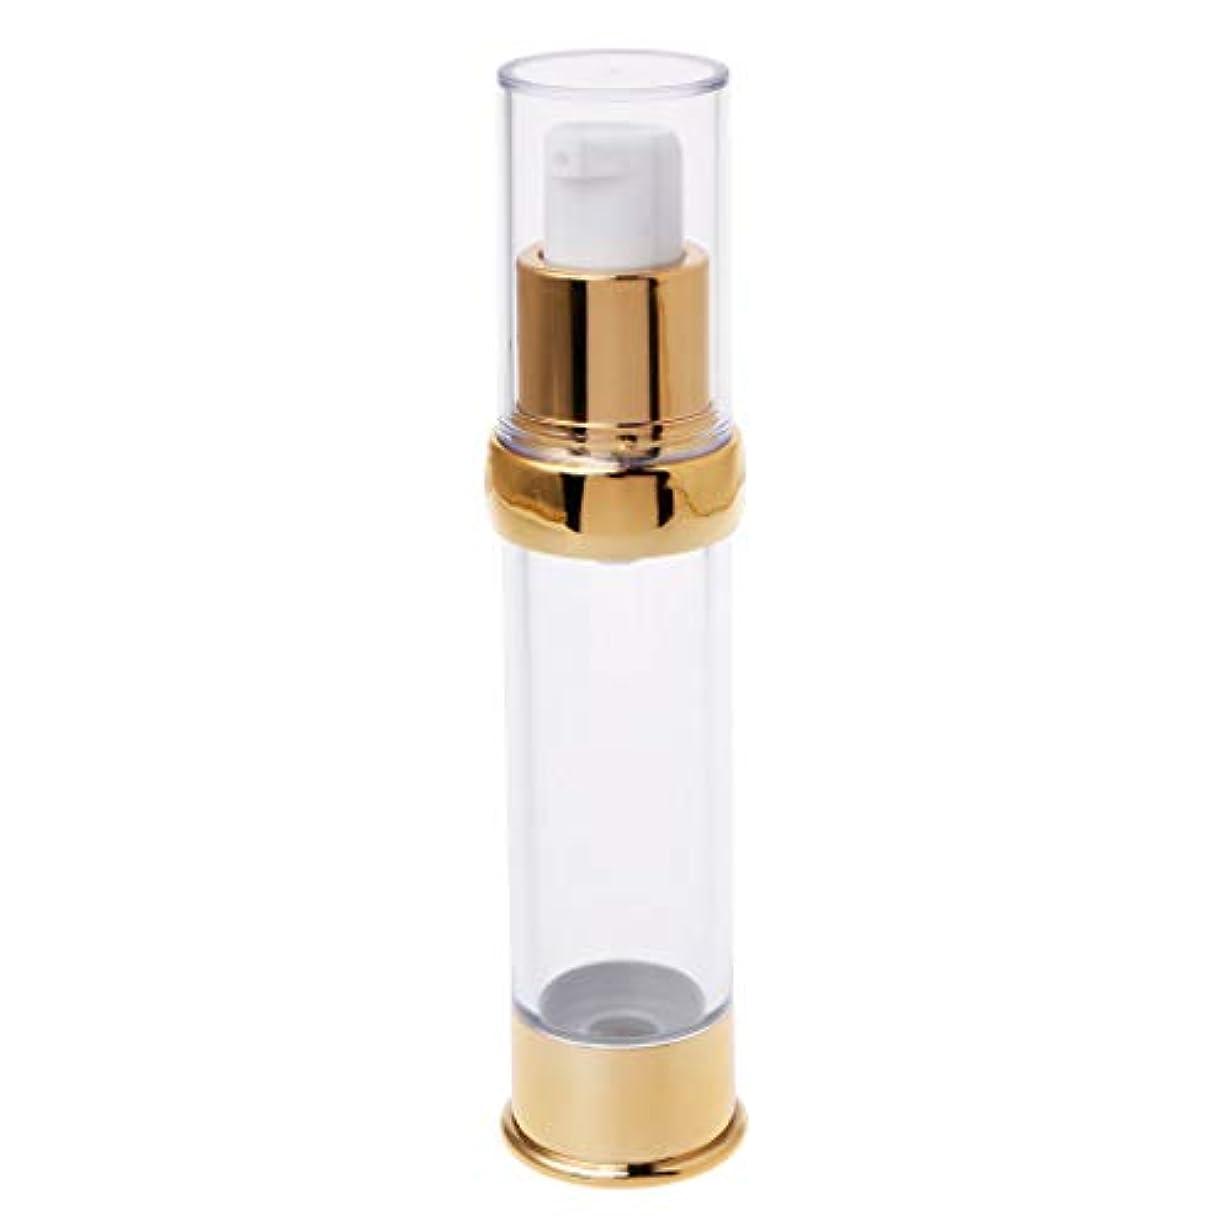 トランスペアレントるバスDabixx トラベルエアレスボトルポンプ空スプレー化粧品真空ローションボトル15/20/30ミリリットル - ゴールド2